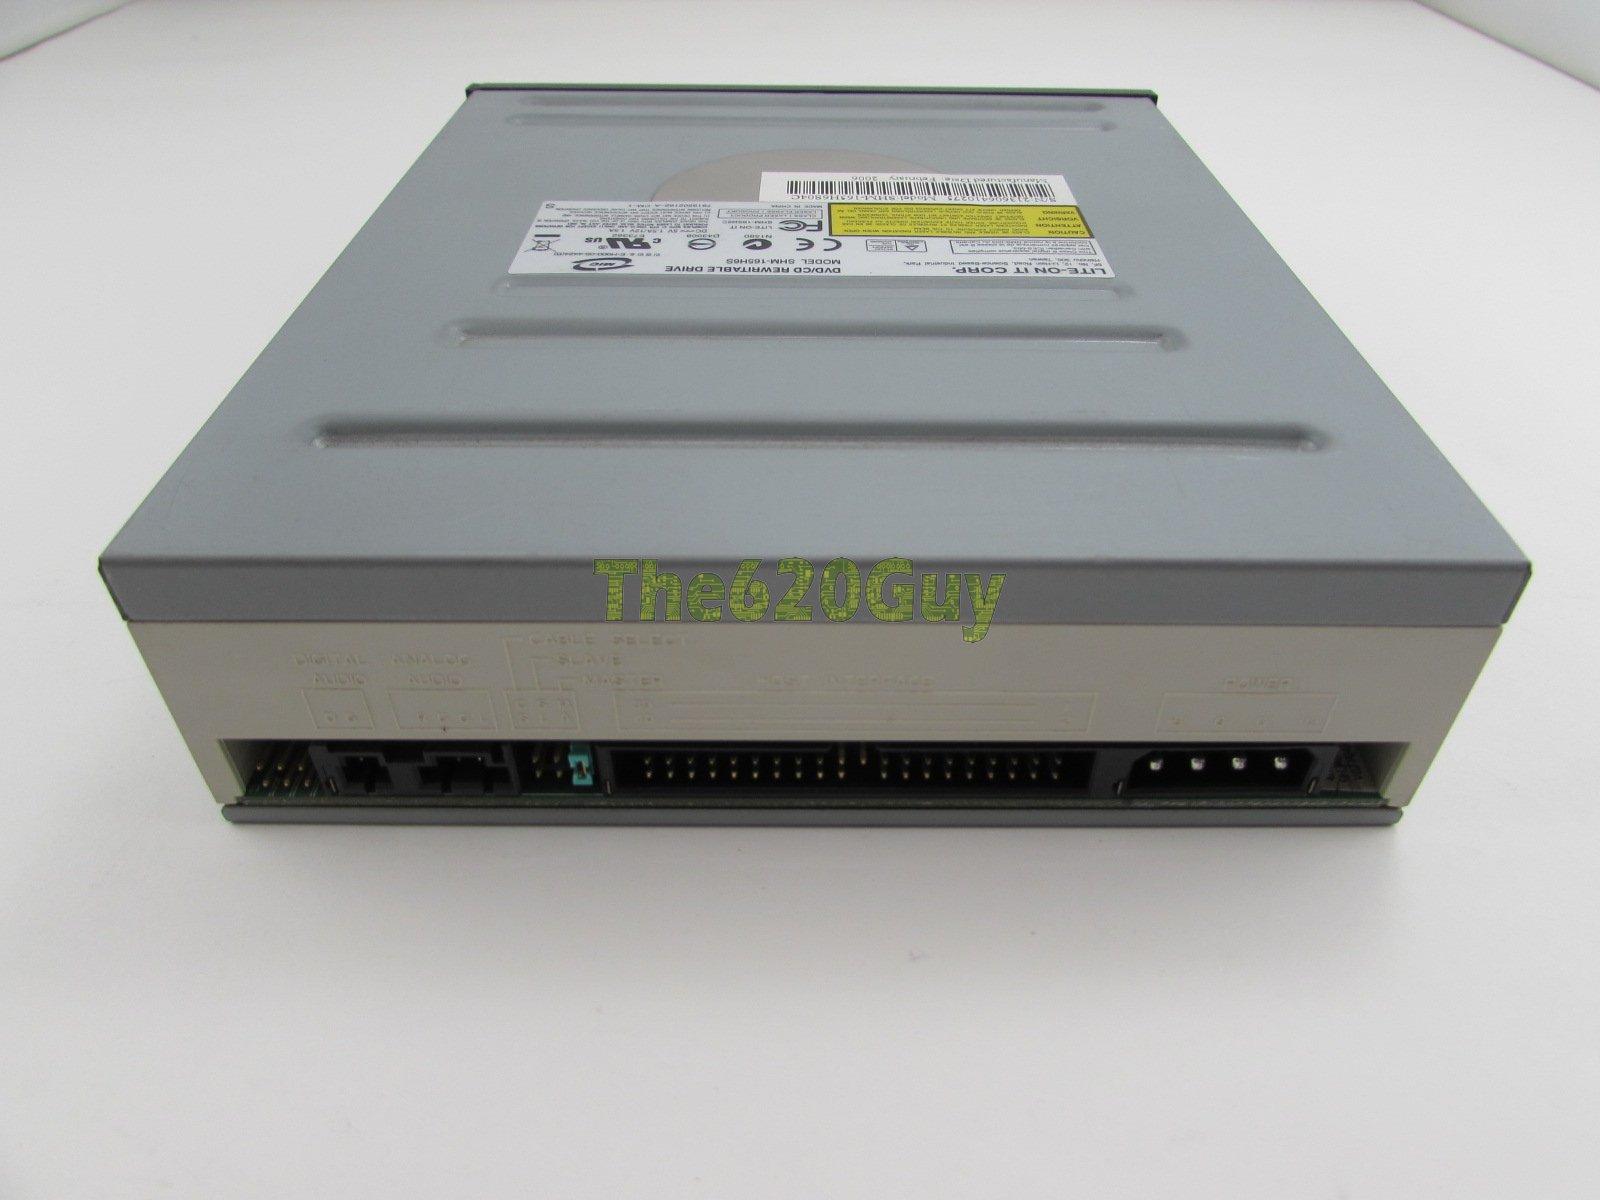 LITE-ON DVDRW SHM-165P6S ATA DEVICE DRIVER FOR MAC DOWNLOAD